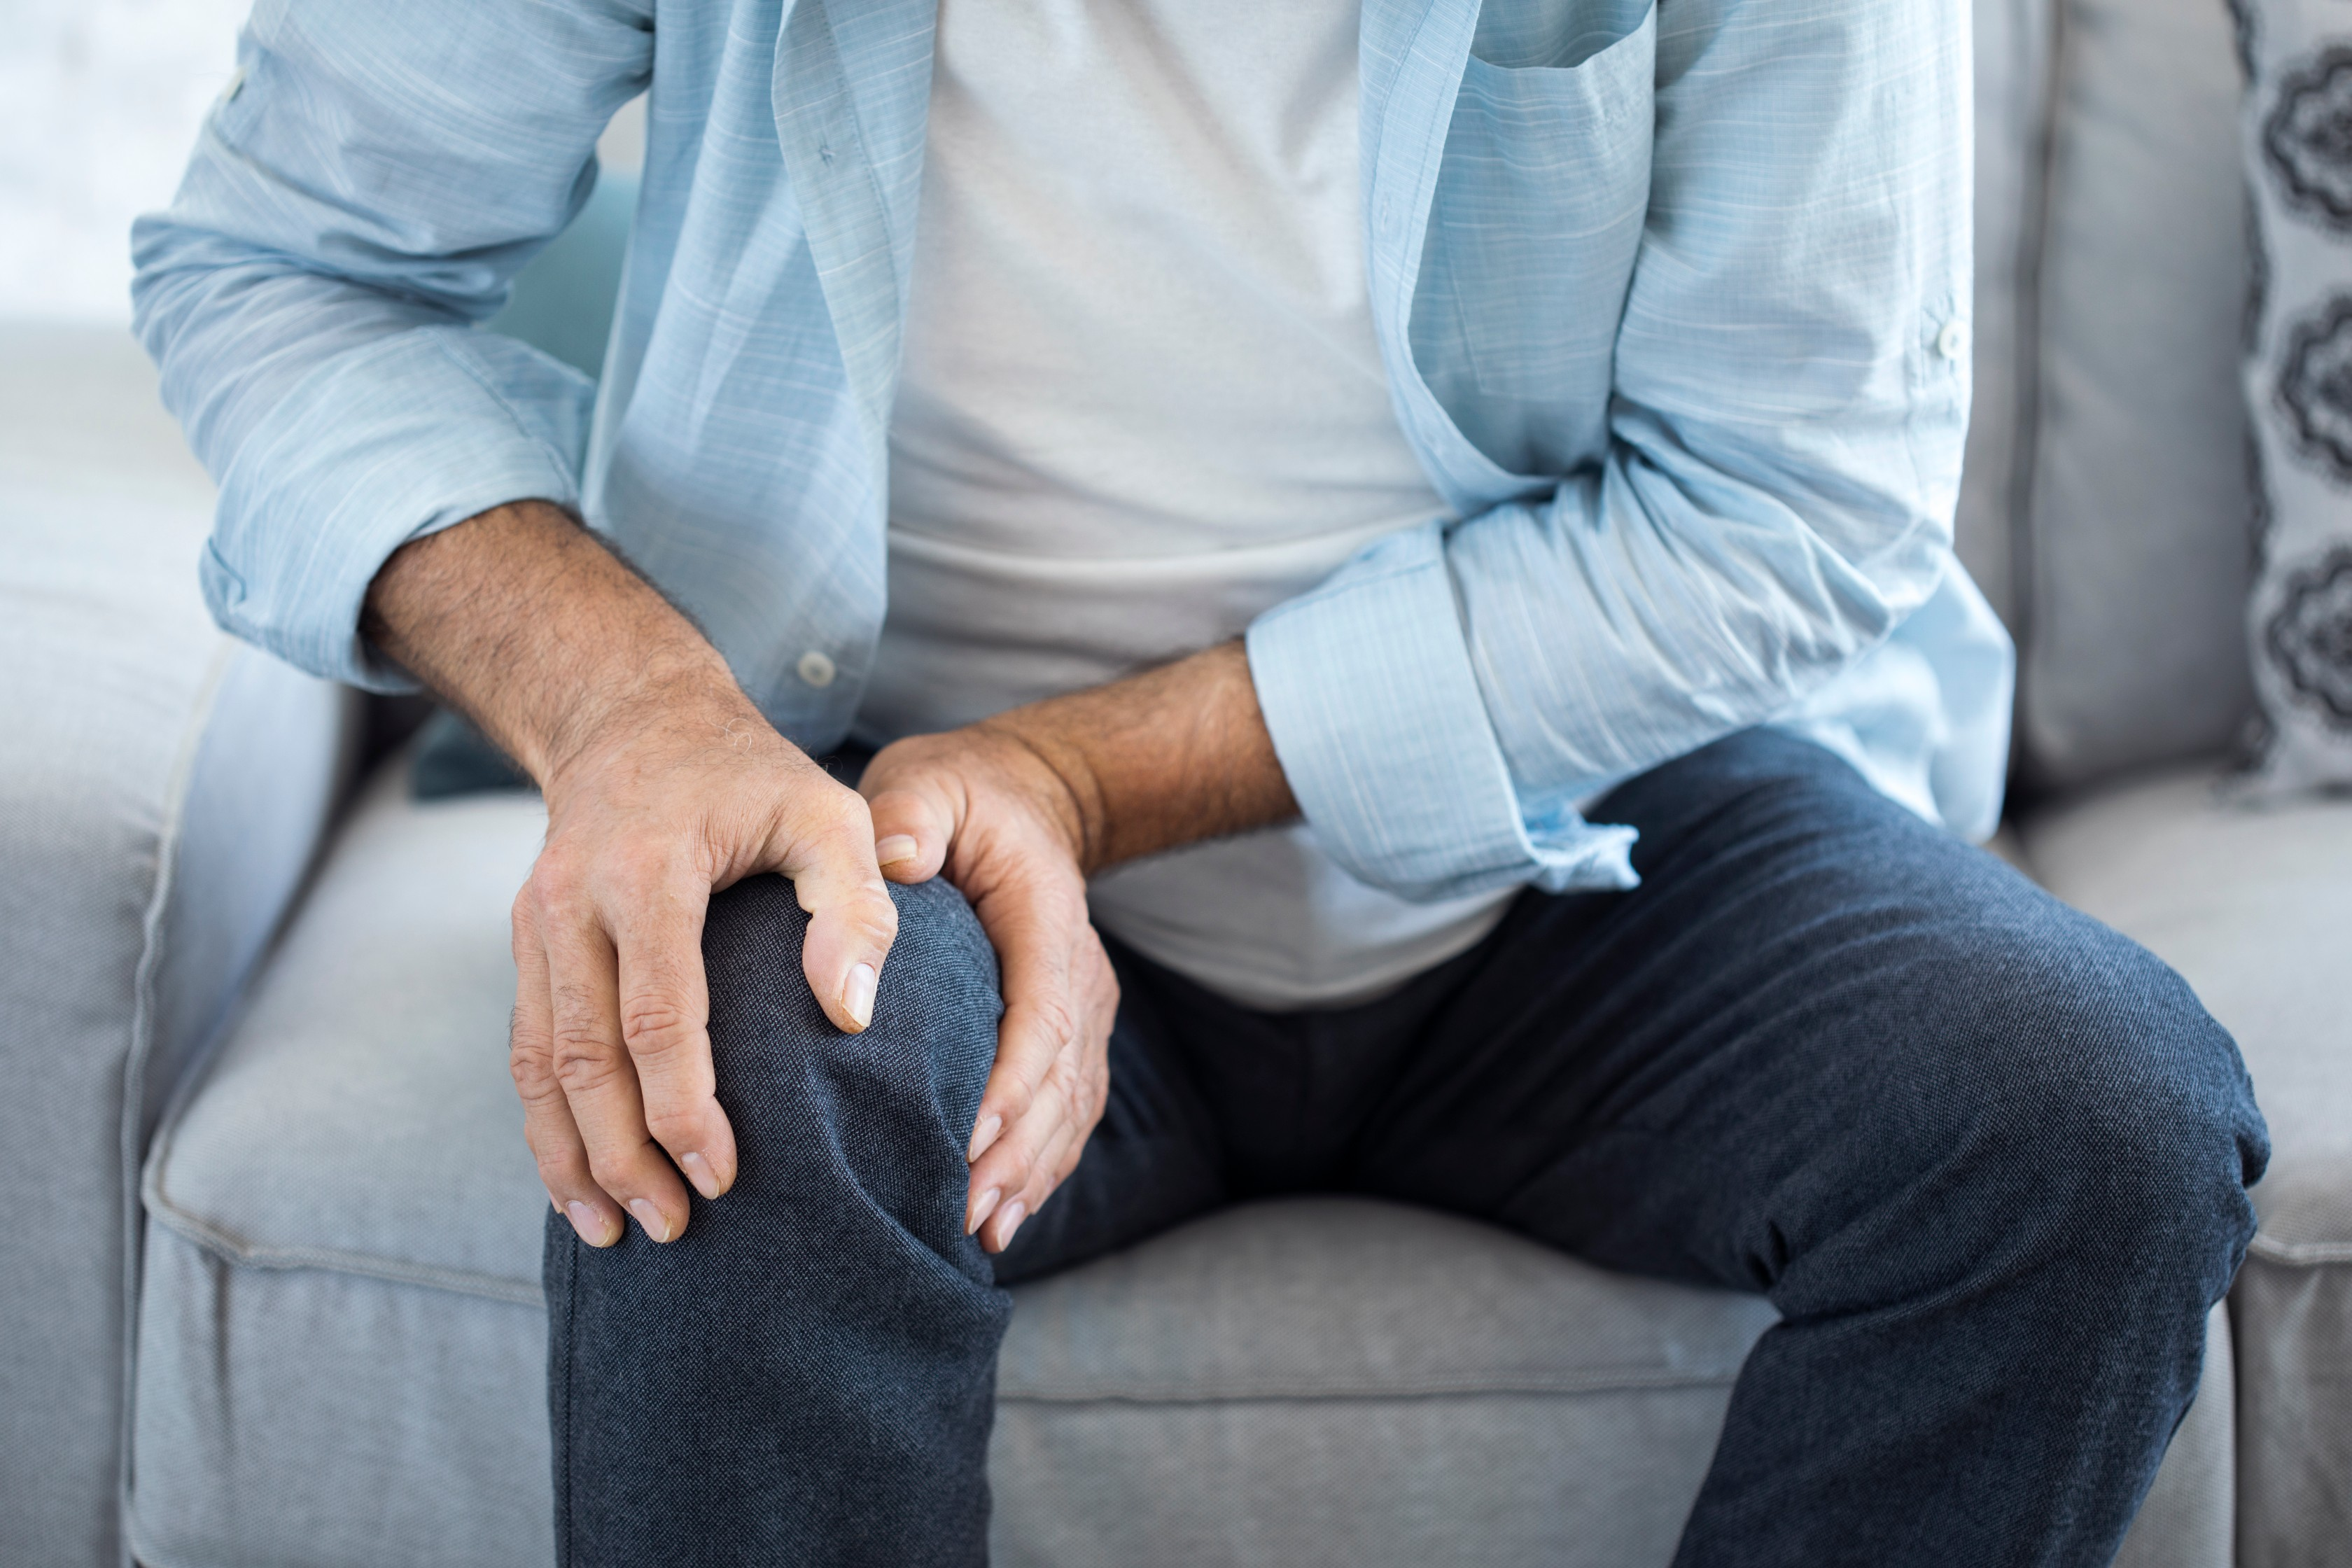 csípőízület nyújtó fájdalom zsineg